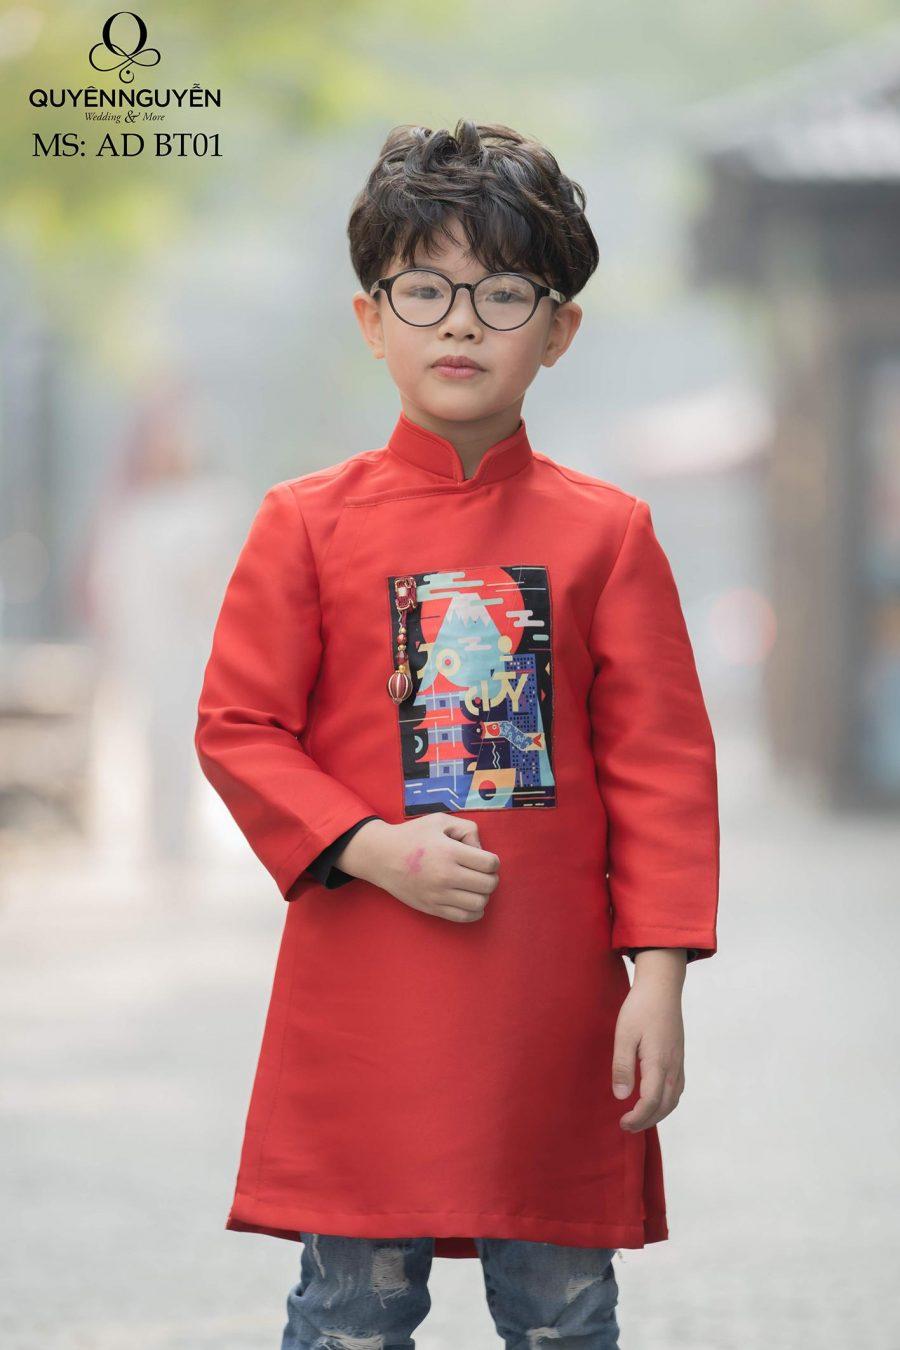 Những mẫu áo dài cho bé trai đẹp nhất 2020 tạiThành phố Hồ Chí Minh